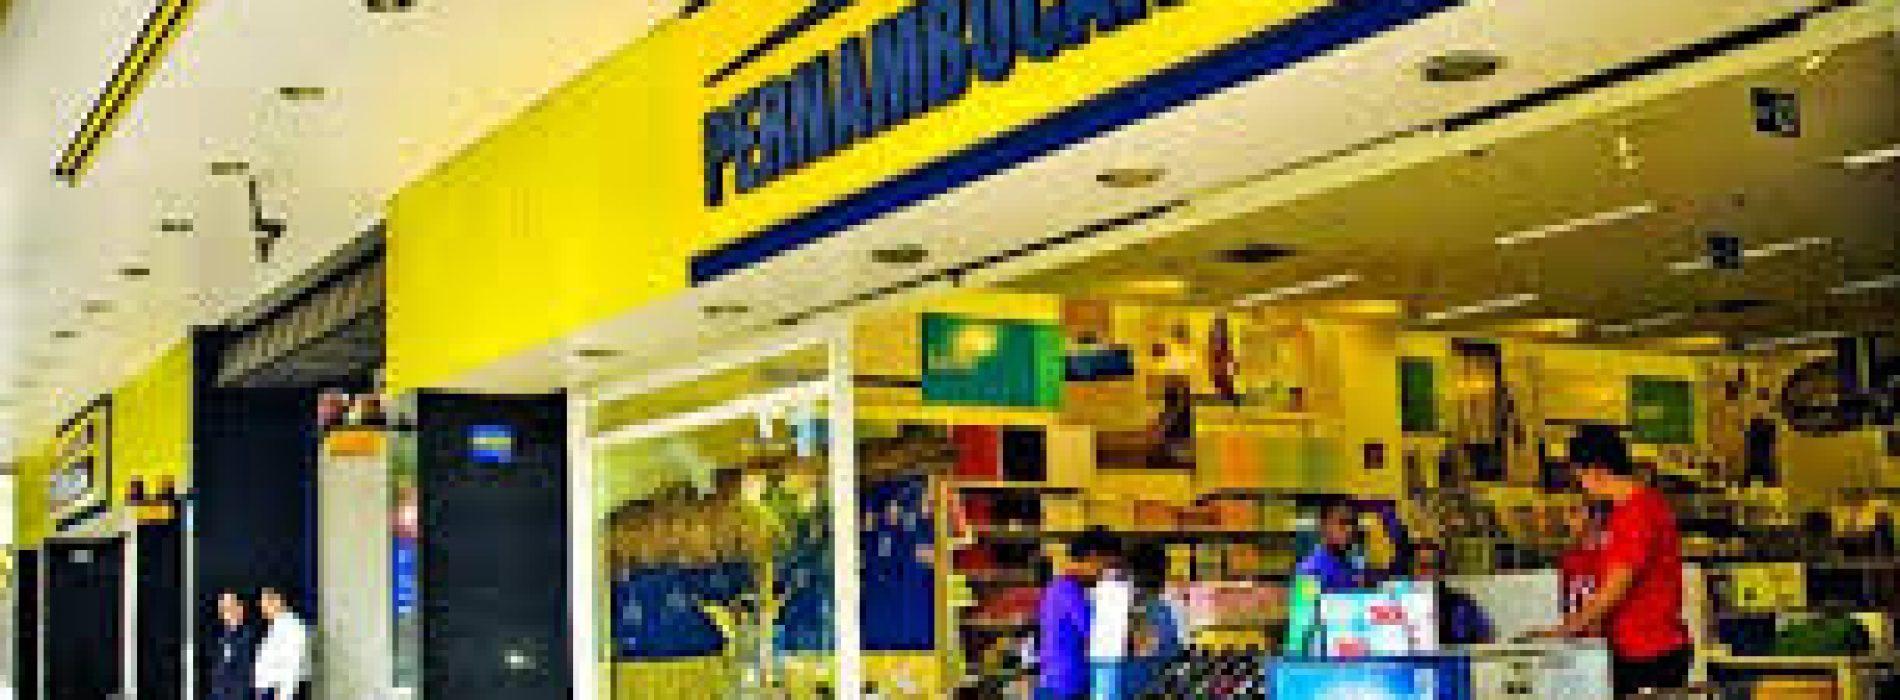 Referência no mercado em produtos para o lar, Pernambucanas lança nova marca própria